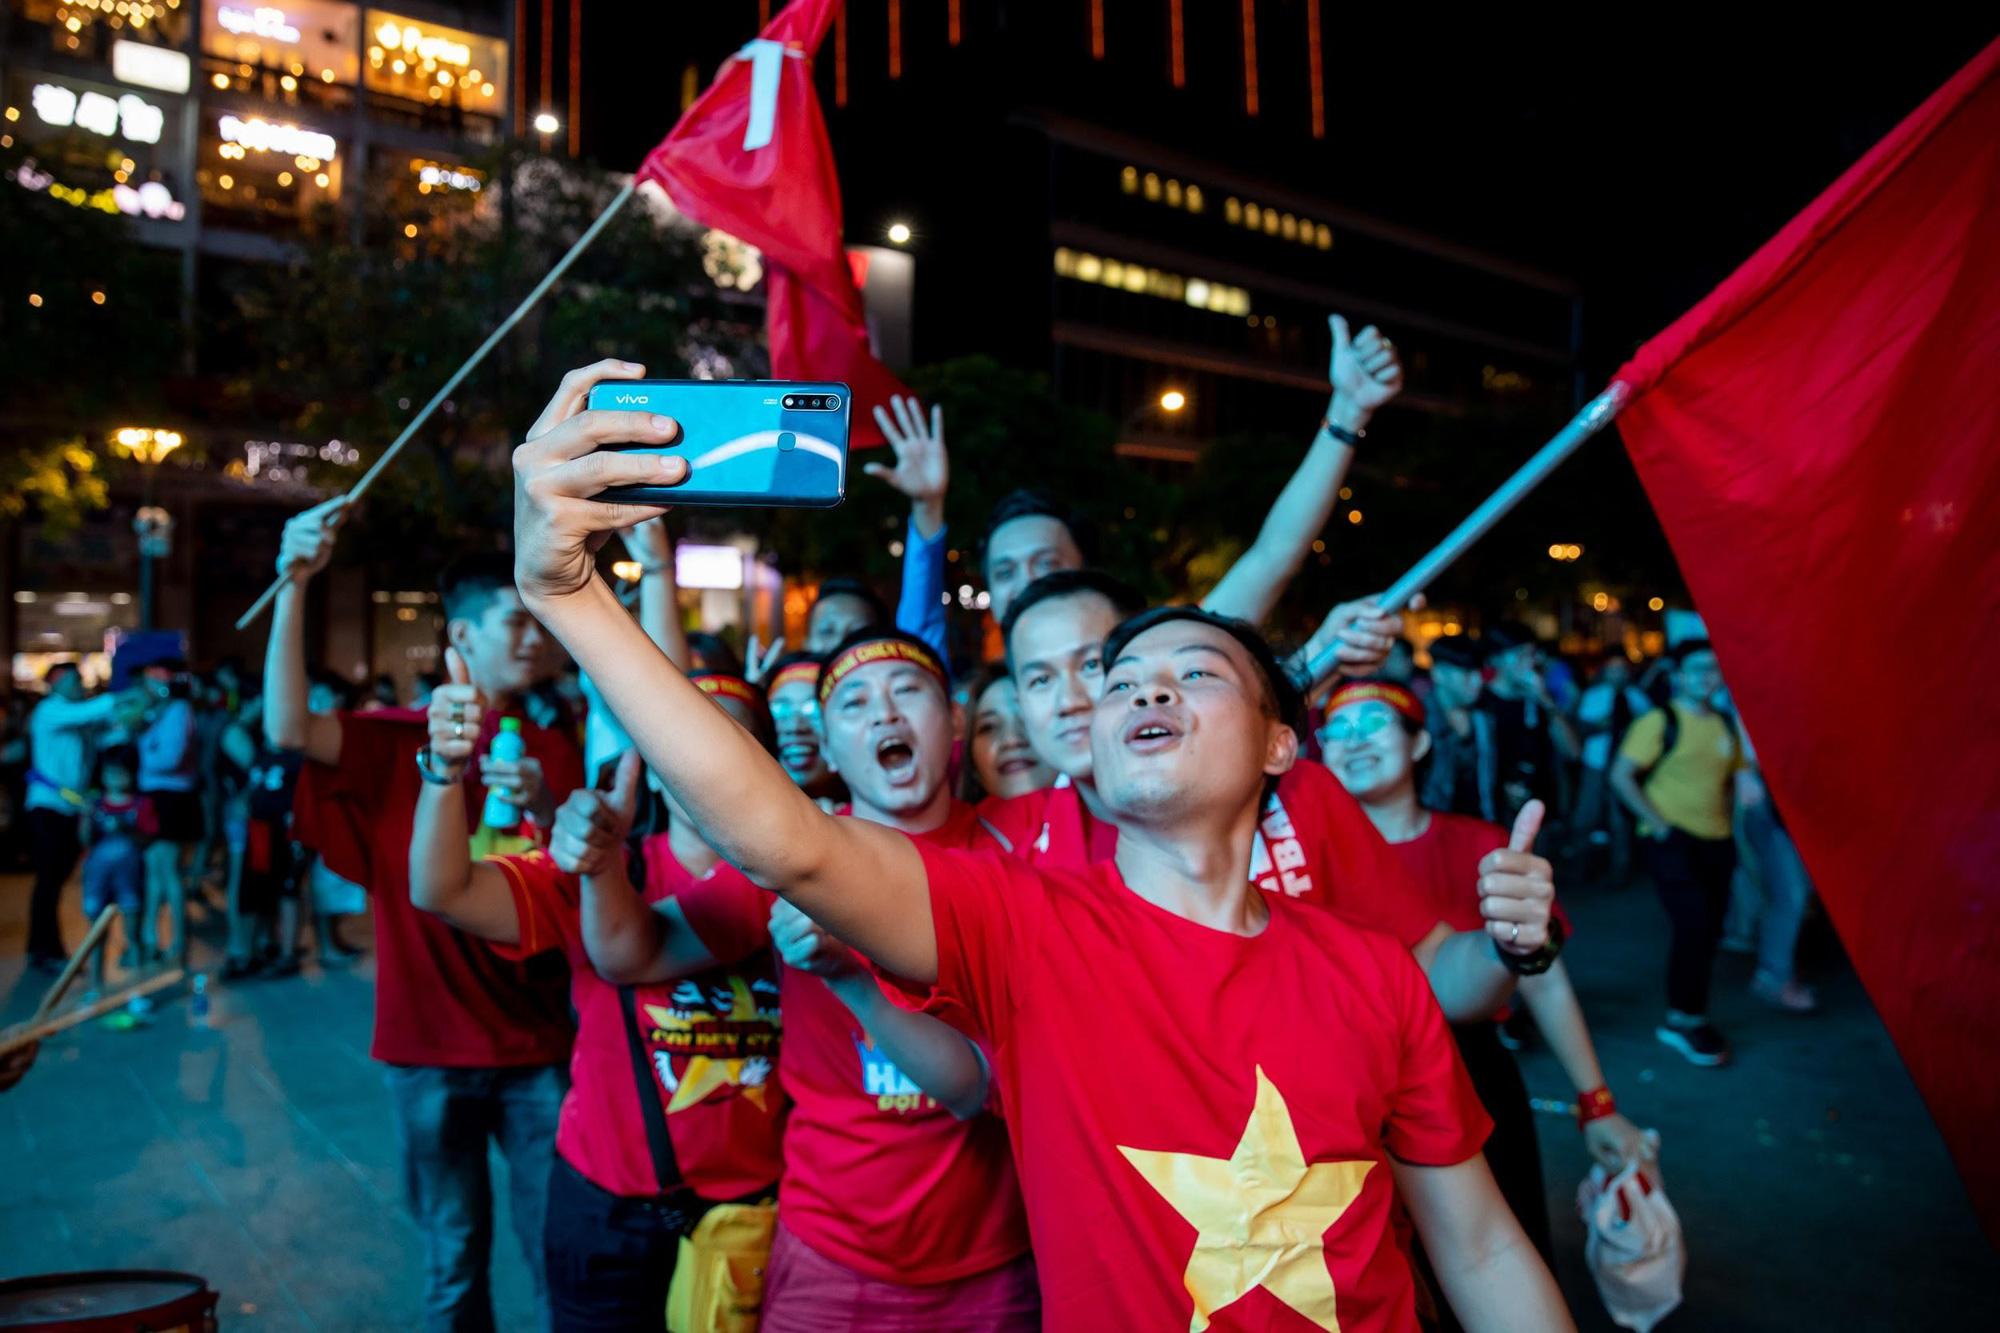 Giải mã chiếc điện thoại được hàng loạt tín đồ túc cầu selfie tại trận đấu vòng loại World Cup Việt Nam - UAE - Ảnh 6.